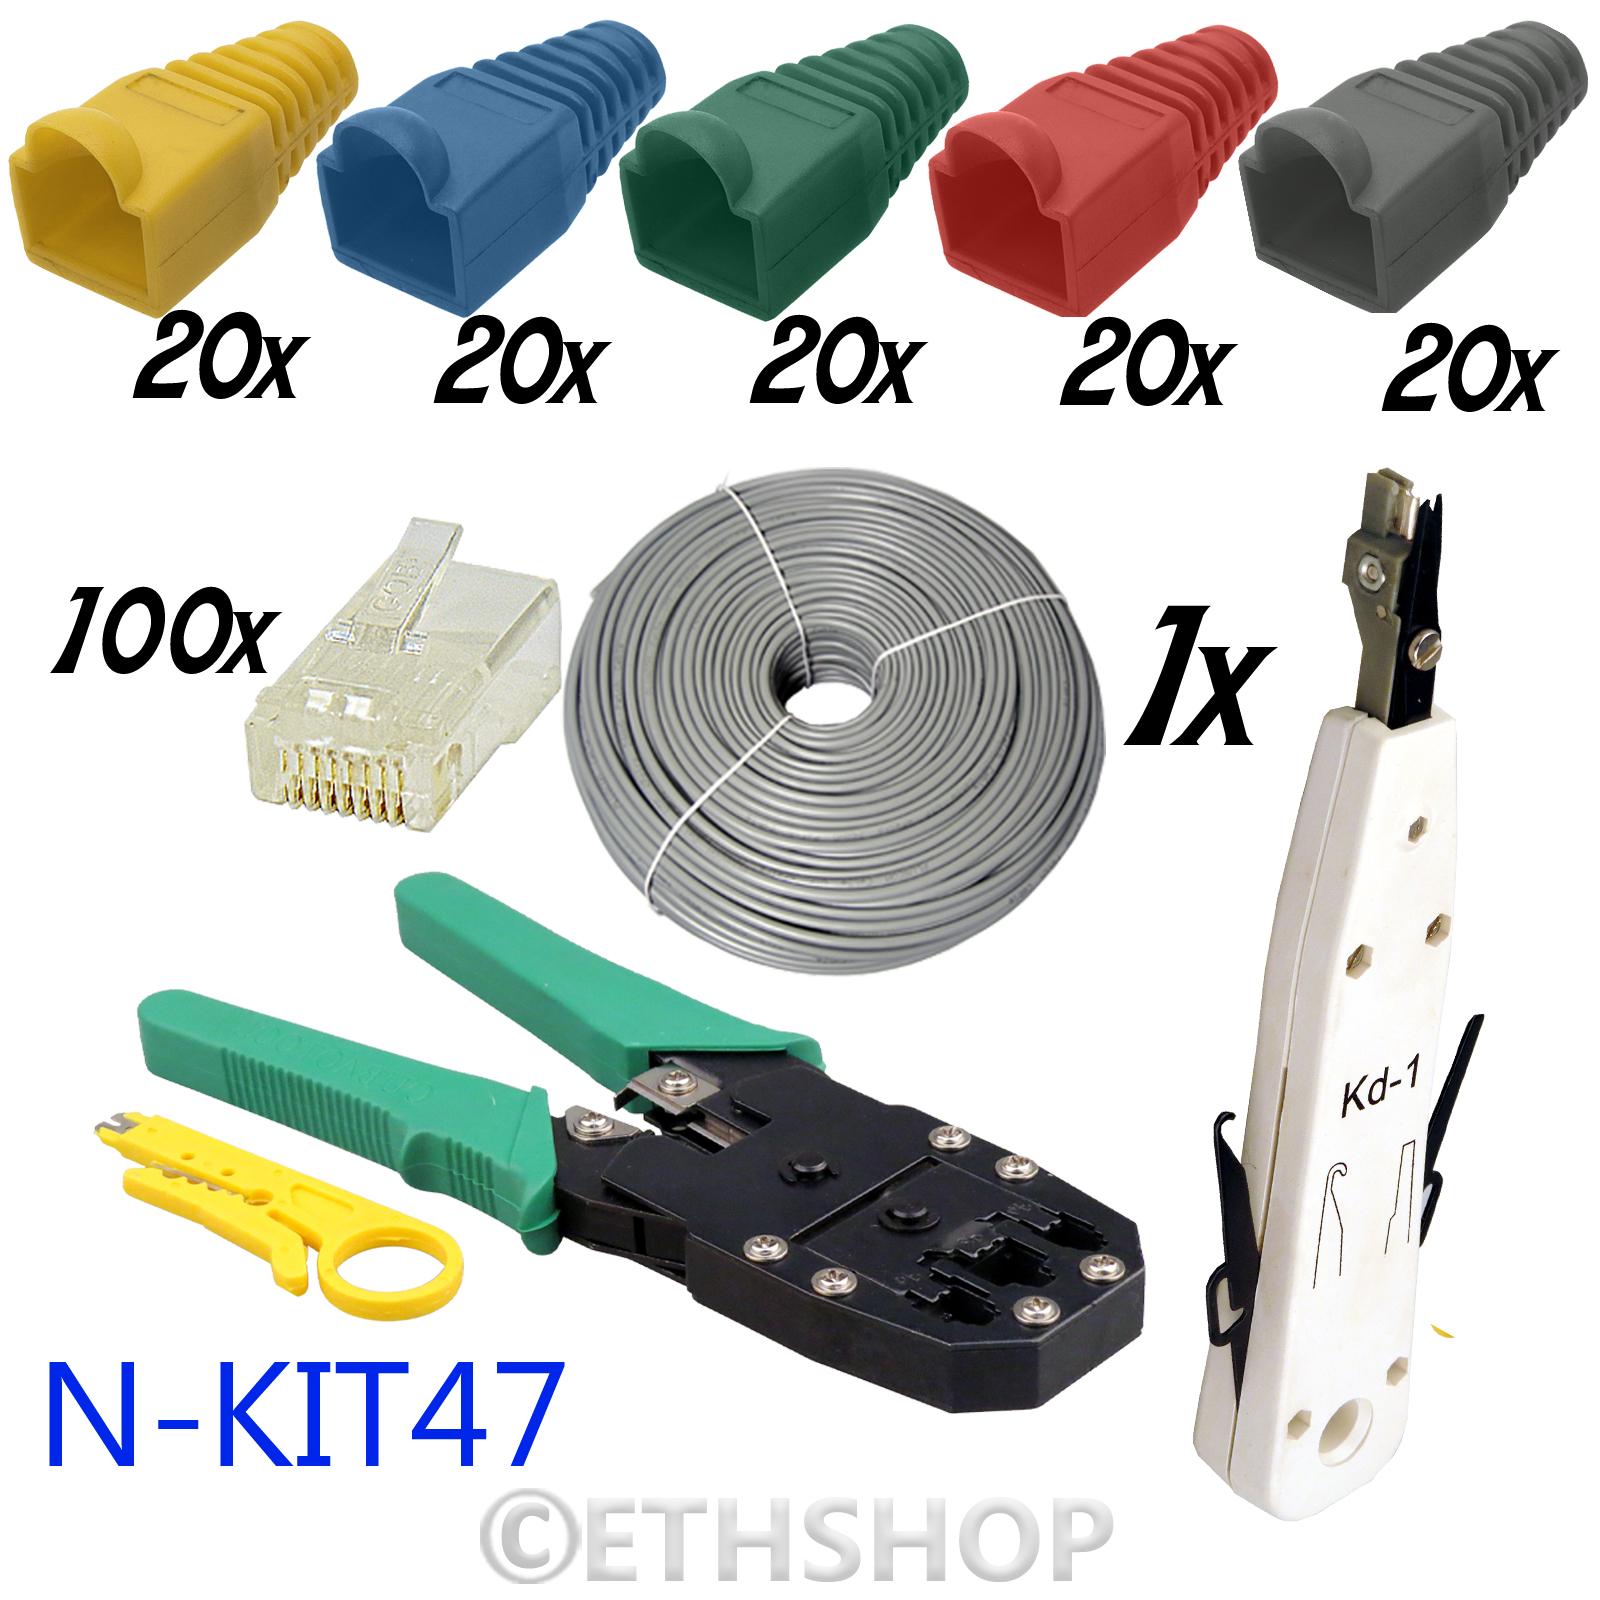 100m rj45 cat5e network ethernet cable crimper tester cutter punch down tool kit ebay. Black Bedroom Furniture Sets. Home Design Ideas